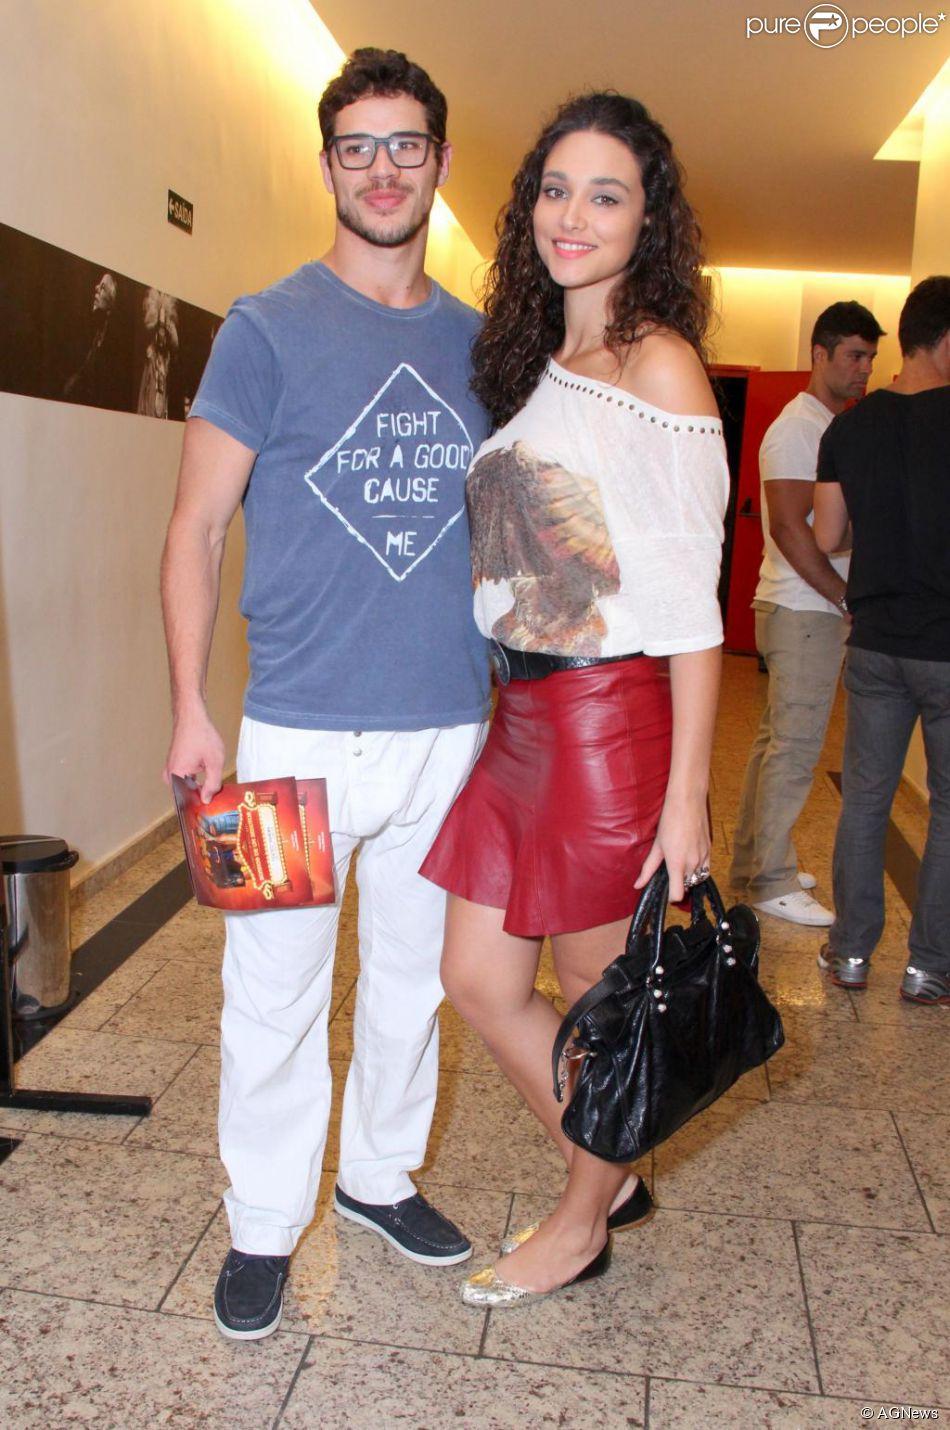 Débora Nascimento afirmou em entrevista não sentir ciúmes do noivo ... Leonardodicaprio